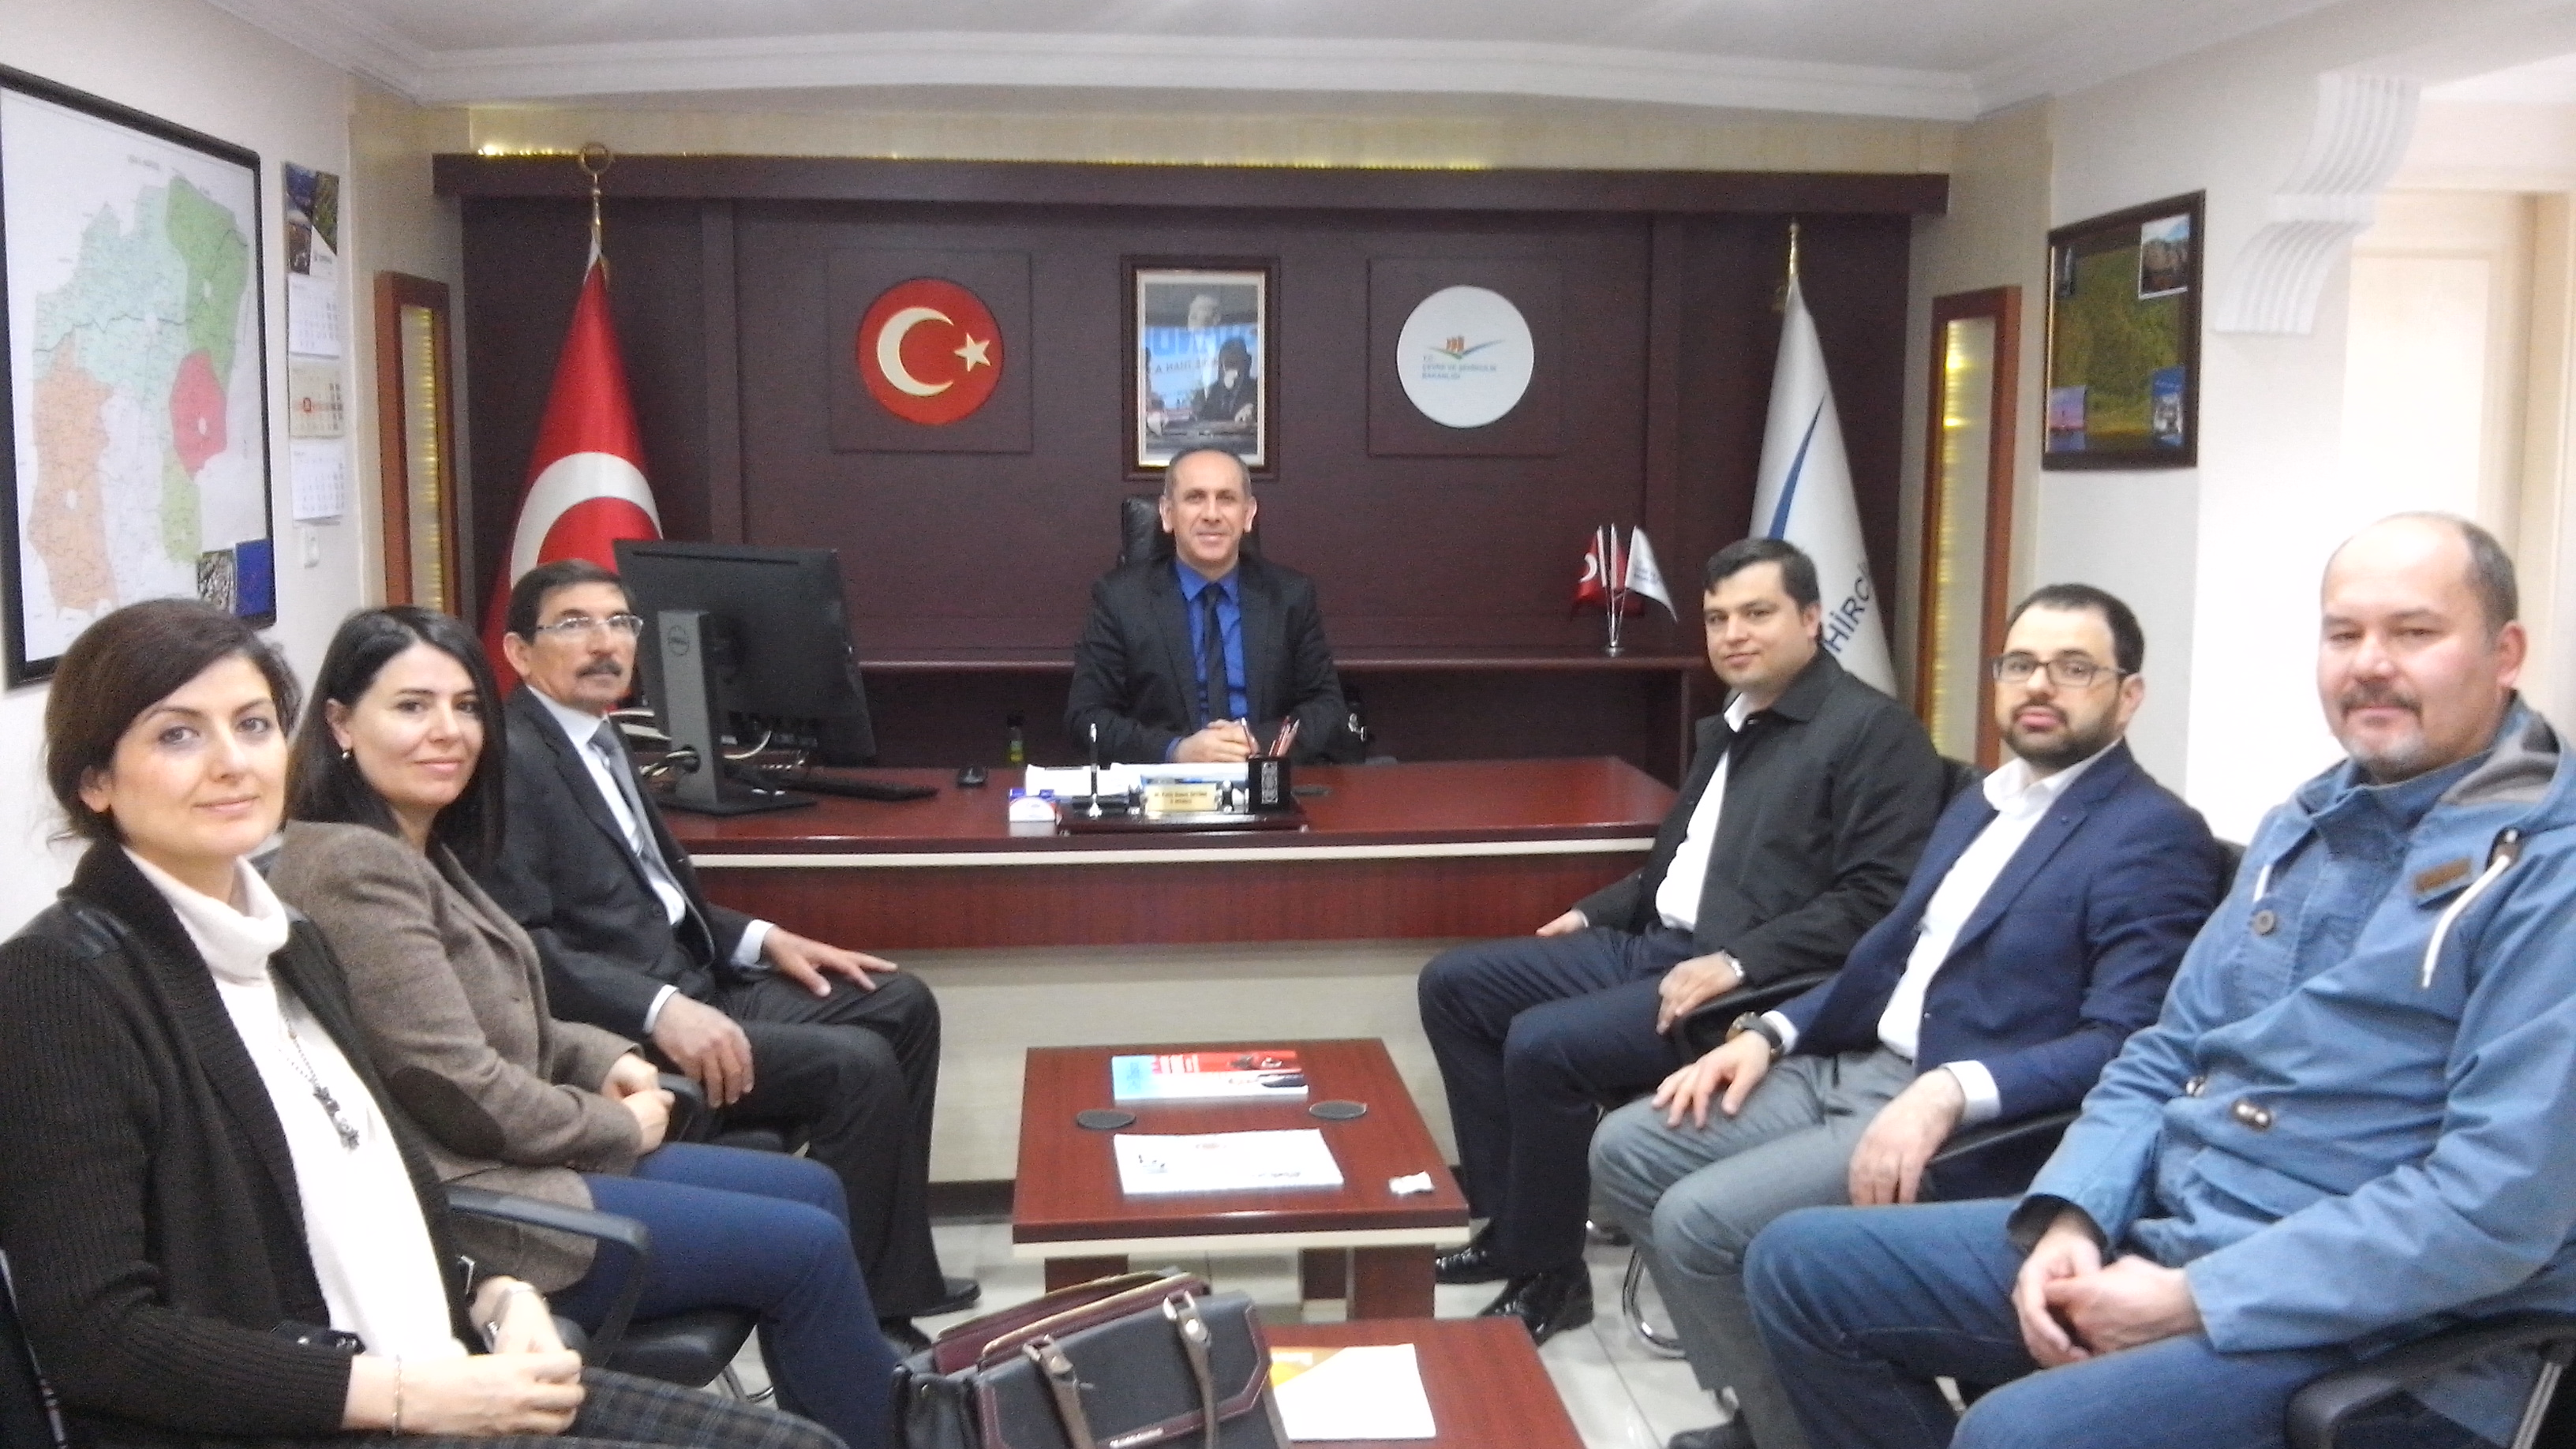 Uşak Ak Parti İl Başkanı Sayın Mehmet ÇAKIN ve İl Yönetim Kurulu Üyeleri İl Müdürlüğümüze Ziyarette Bulundular.